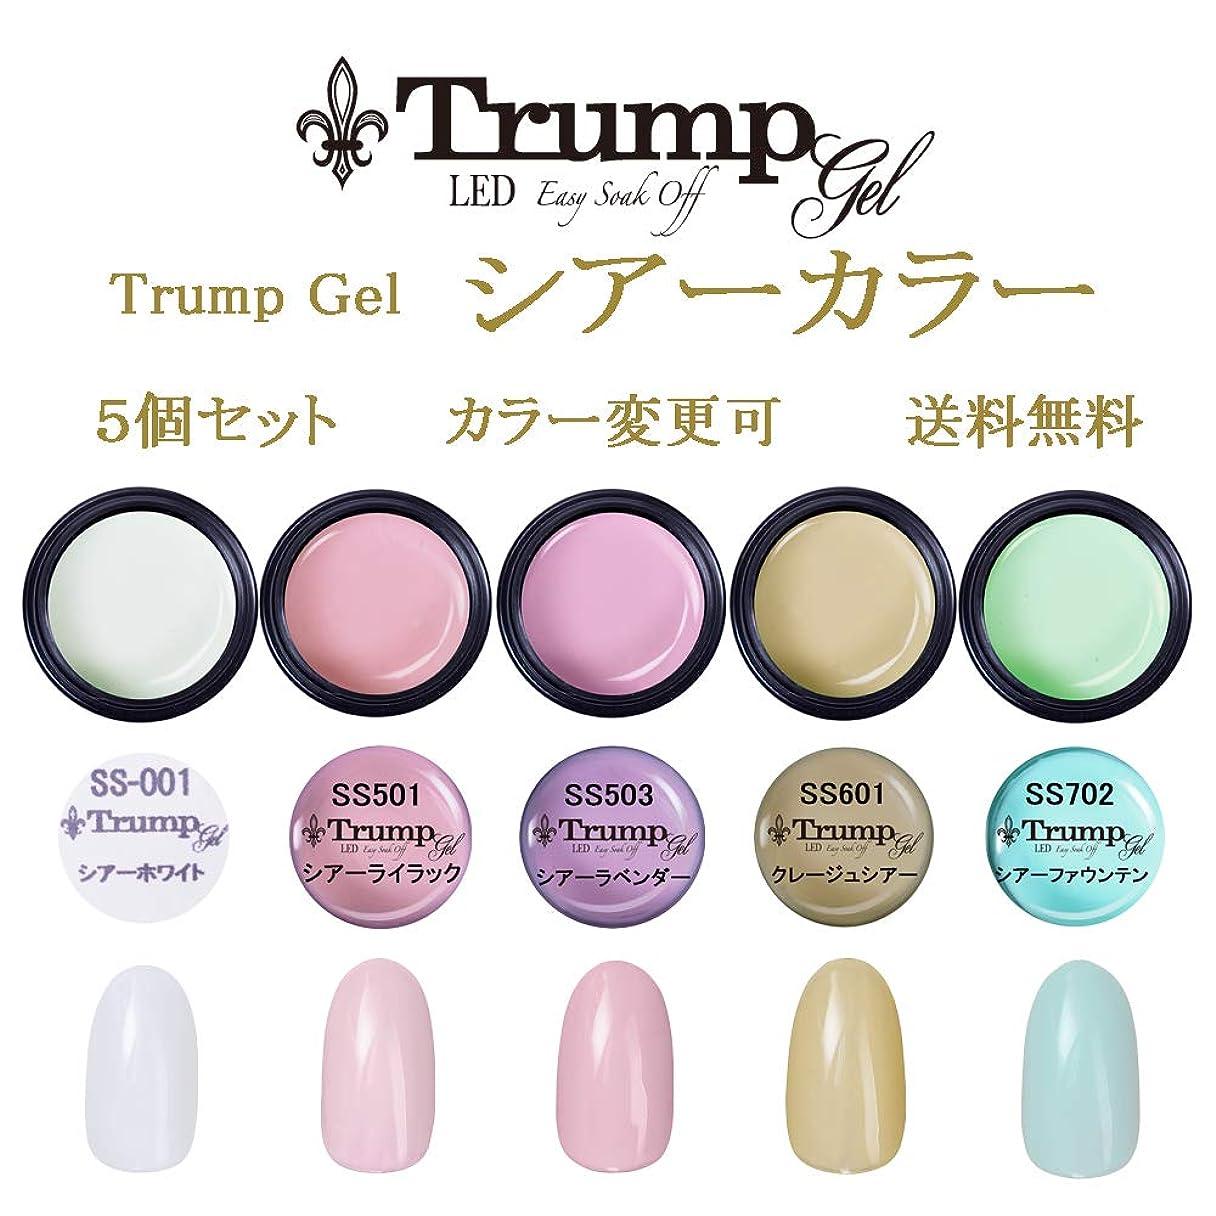 立場シュリンククロス日本製 Trump gel トランプジェル シアー カラージェル 選べる 5個セット ホワイト ピンク パープル イエロー ブルー